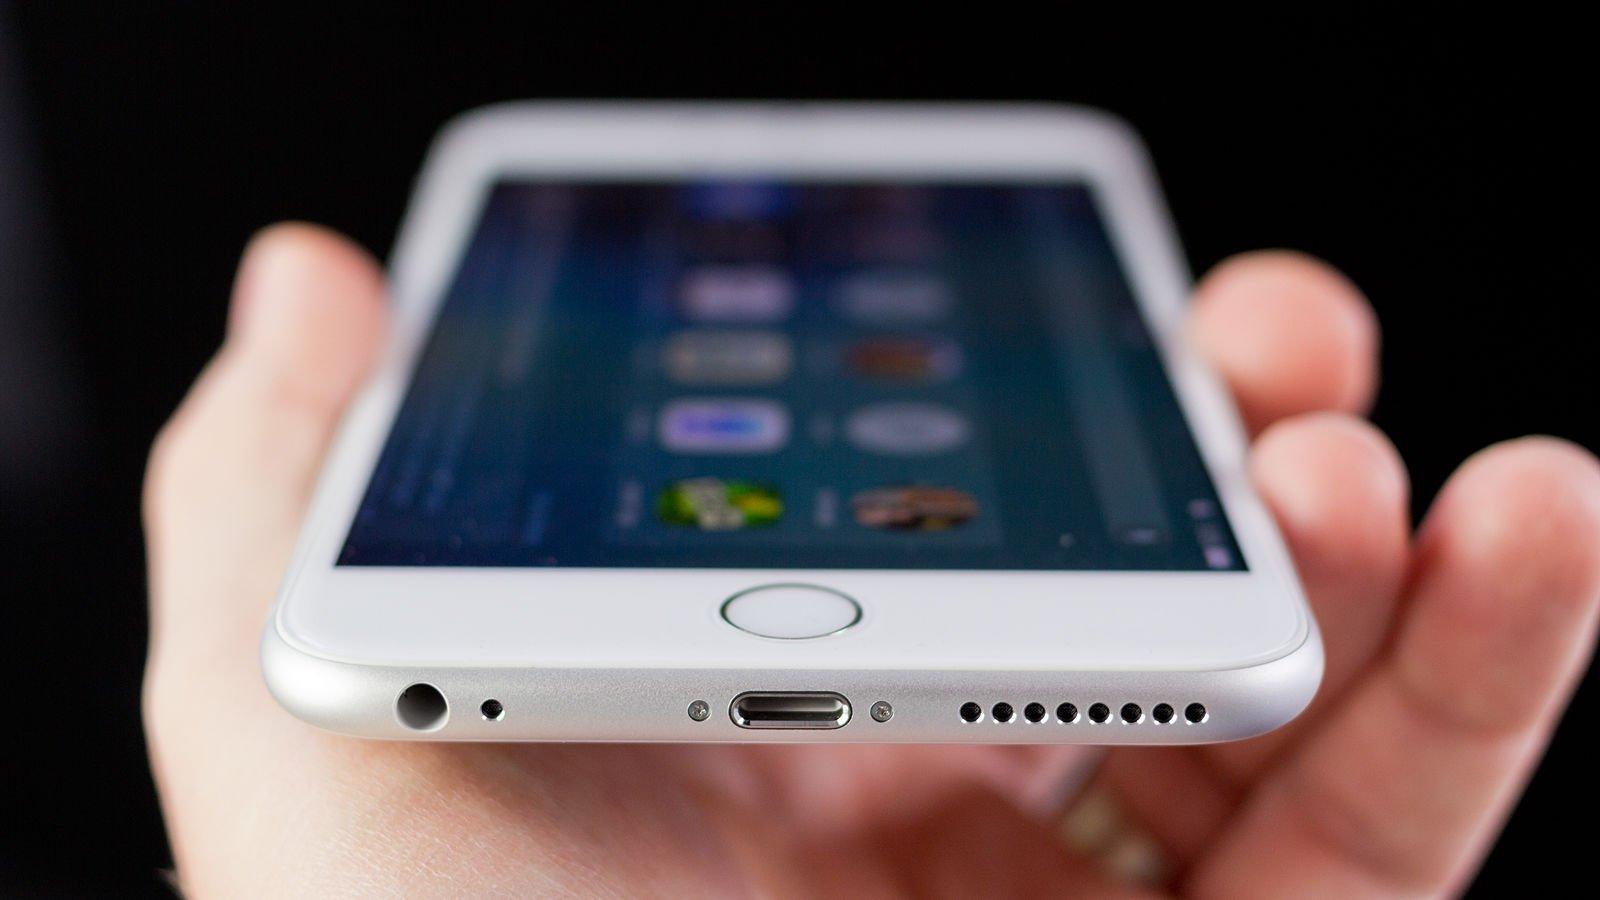 15 потрясающих «фишек» айфона, которые Apple спрятала для самых умных • Фактрум